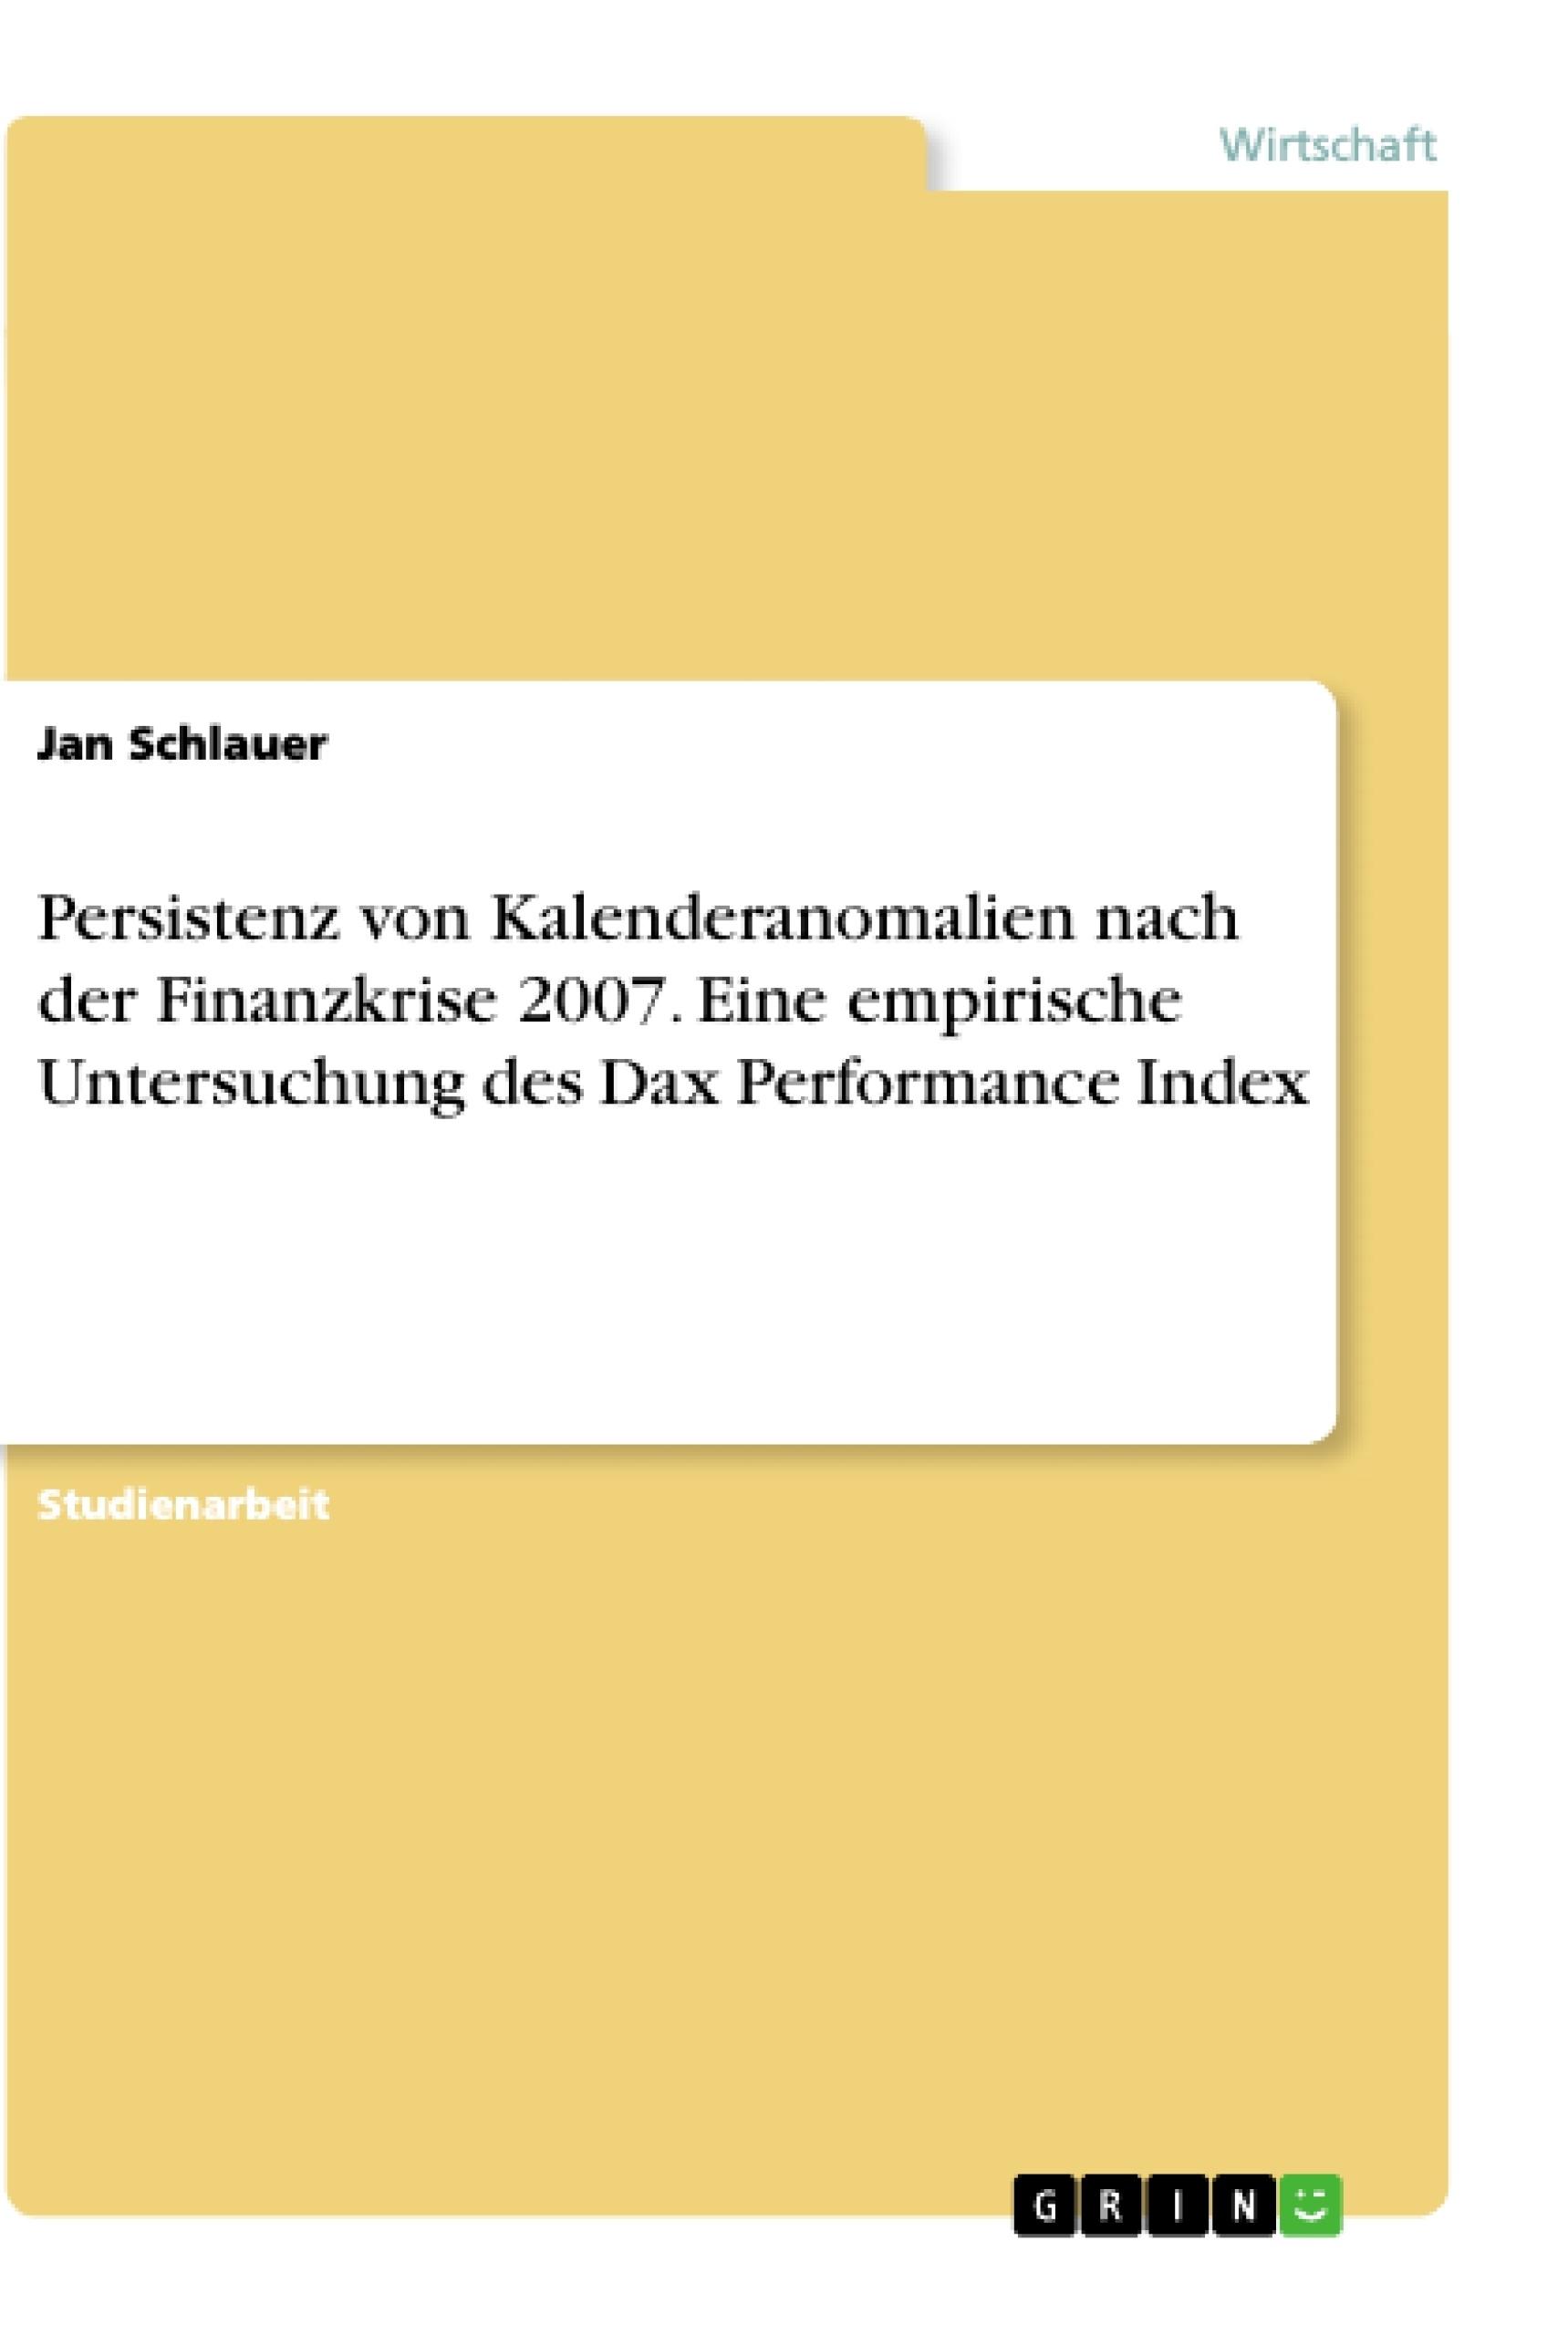 Titel: Persistenz von Kalenderanomalien nach der Finanzkrise 2007. Eine empirische Untersuchung des Dax Performance Index